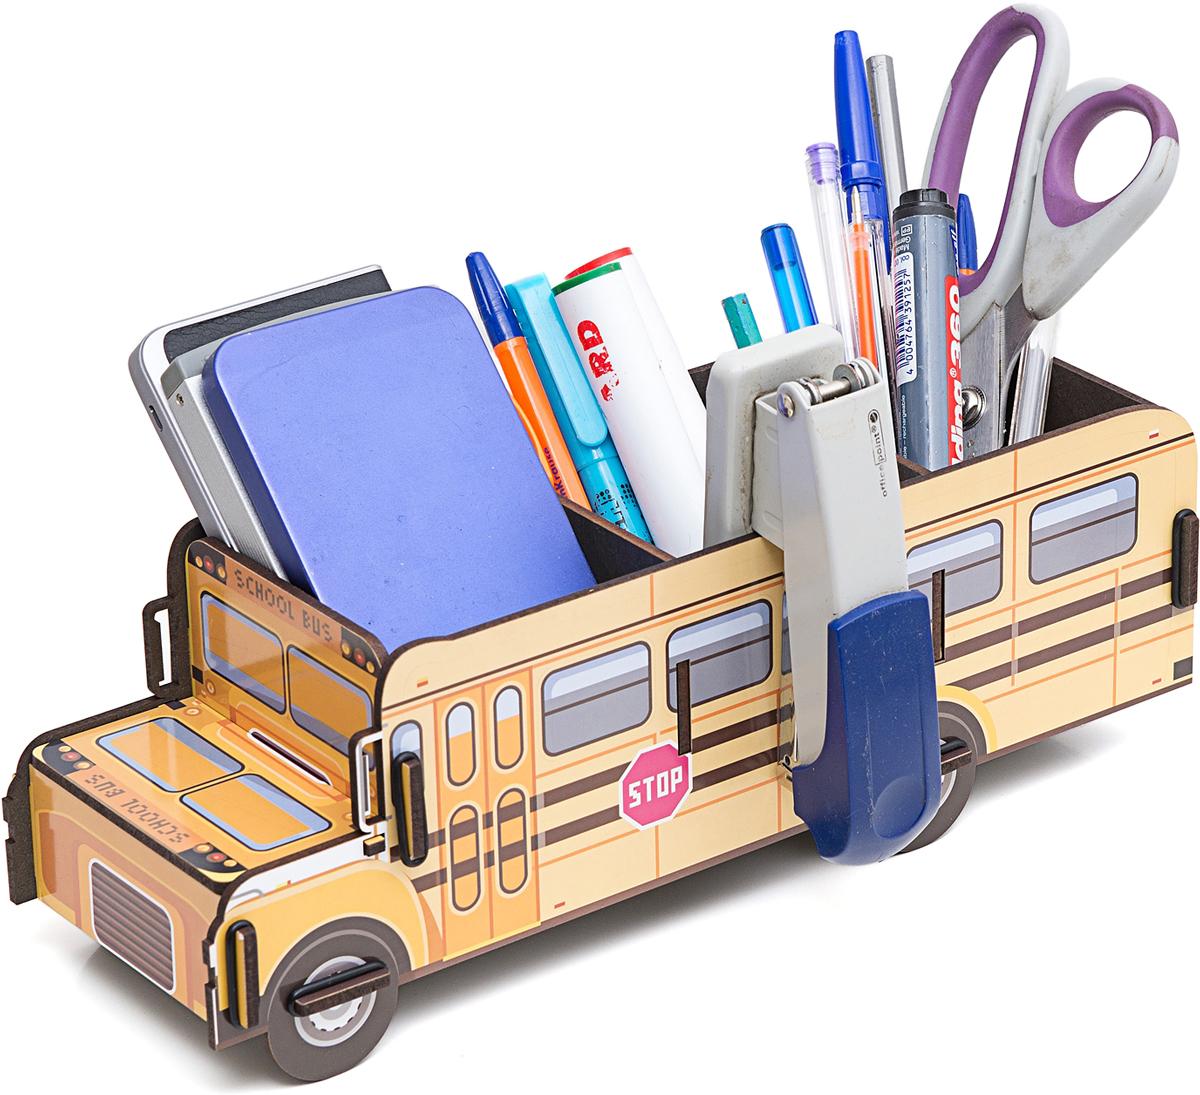 Органайзер на стол Homsu School Bus, 28,5 х 9,8 х 10,5 смHOM-744Настольный органайзер в виде школьного автобуса – это не только способ хранения канцелярских принадлежностей, но и настоящее украшение интерьера. Органайзер выполнен из МДФ и имеет необычный дизайн.